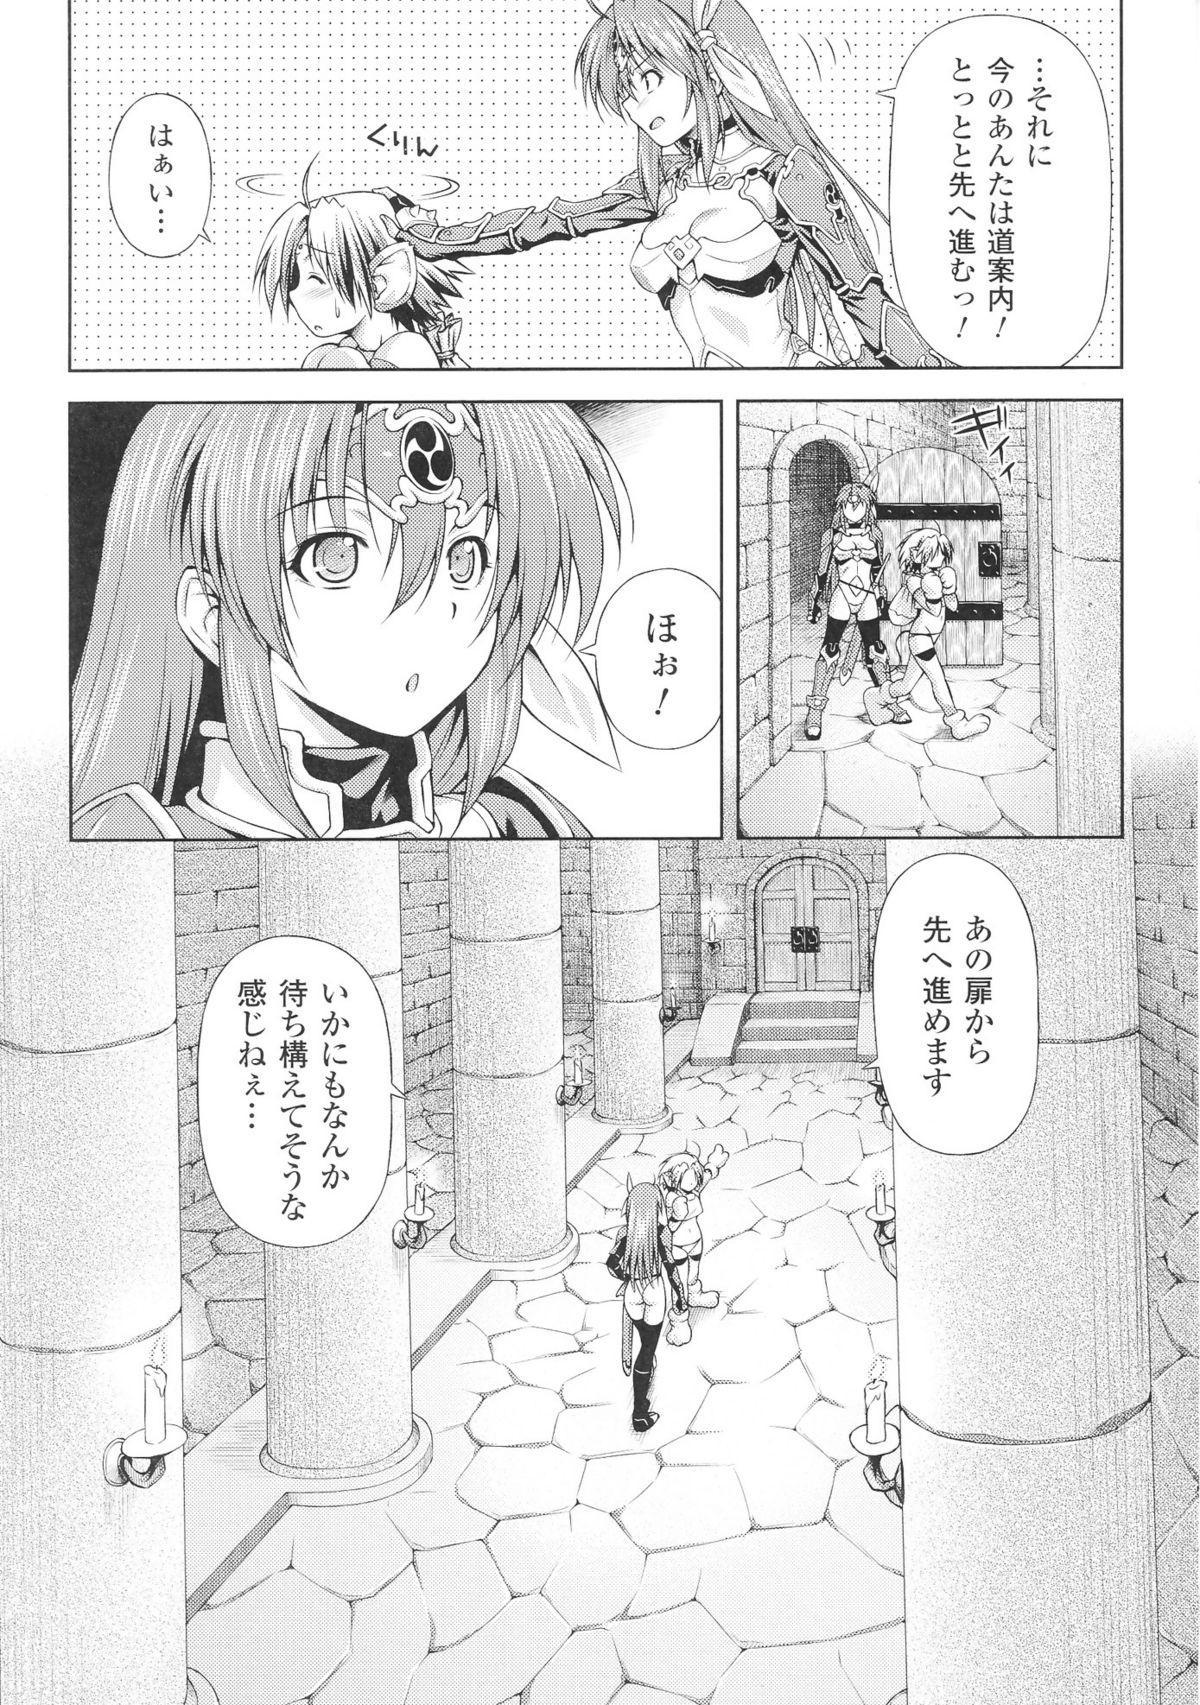 Toushin Engi Vol. 5 10